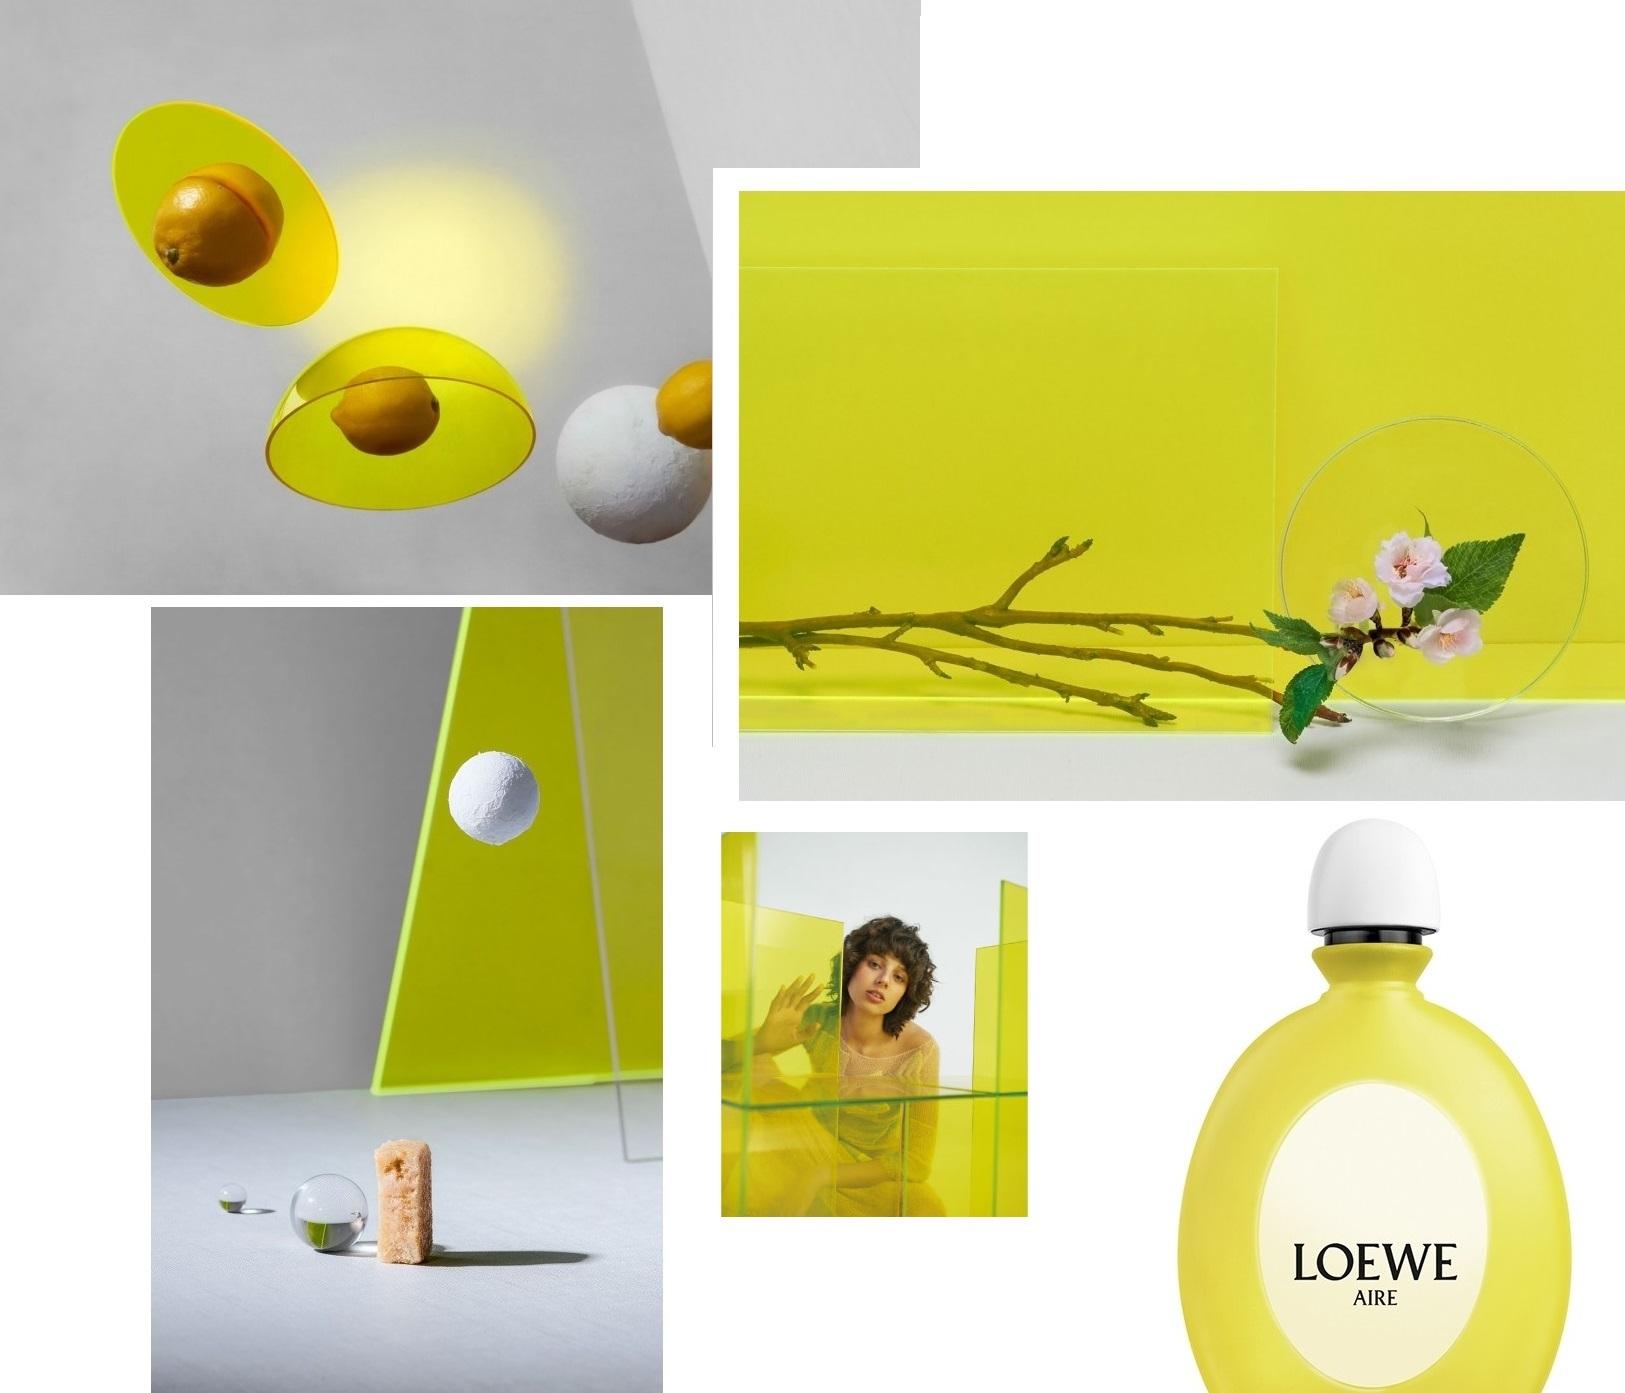 Loewe Aire Loewe Fantasía